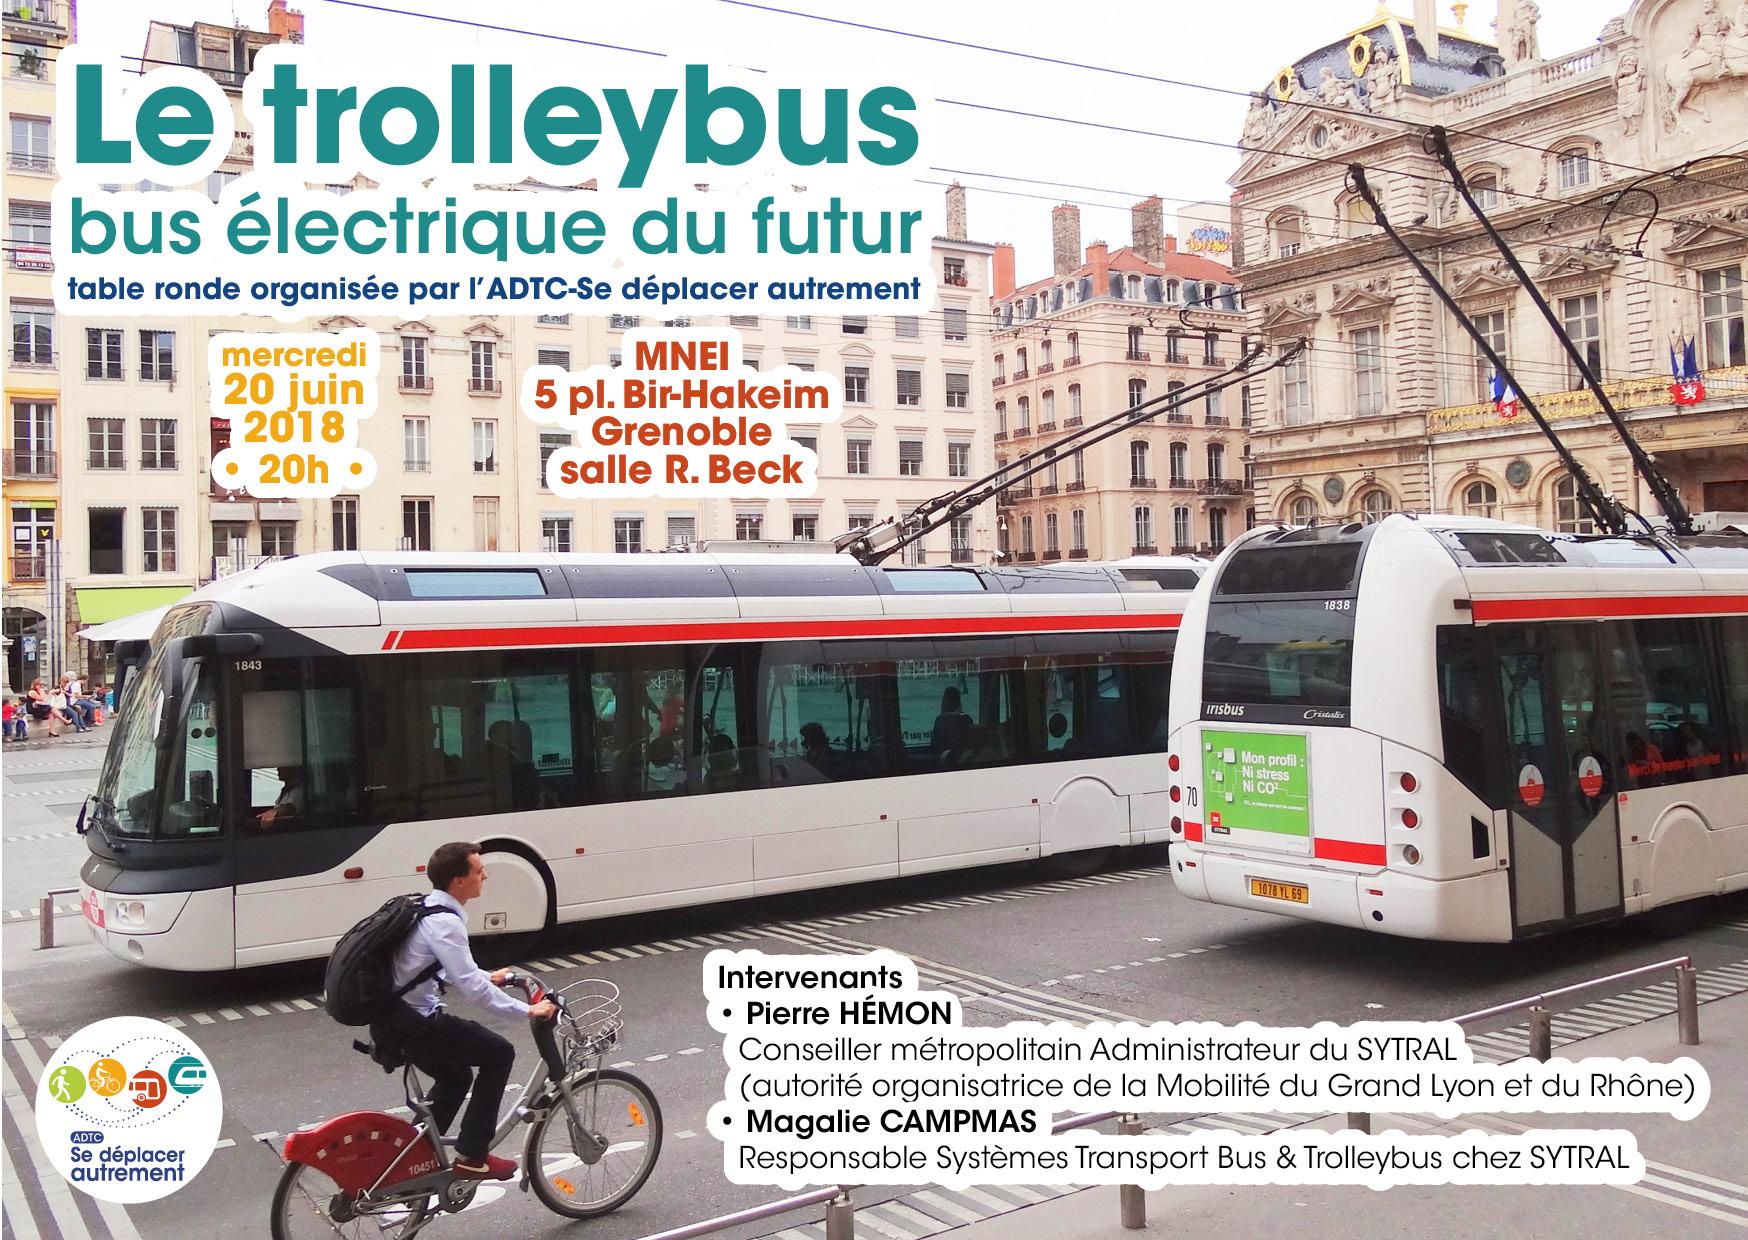 Table ronde : Le trolleybus, bus électrique du futur